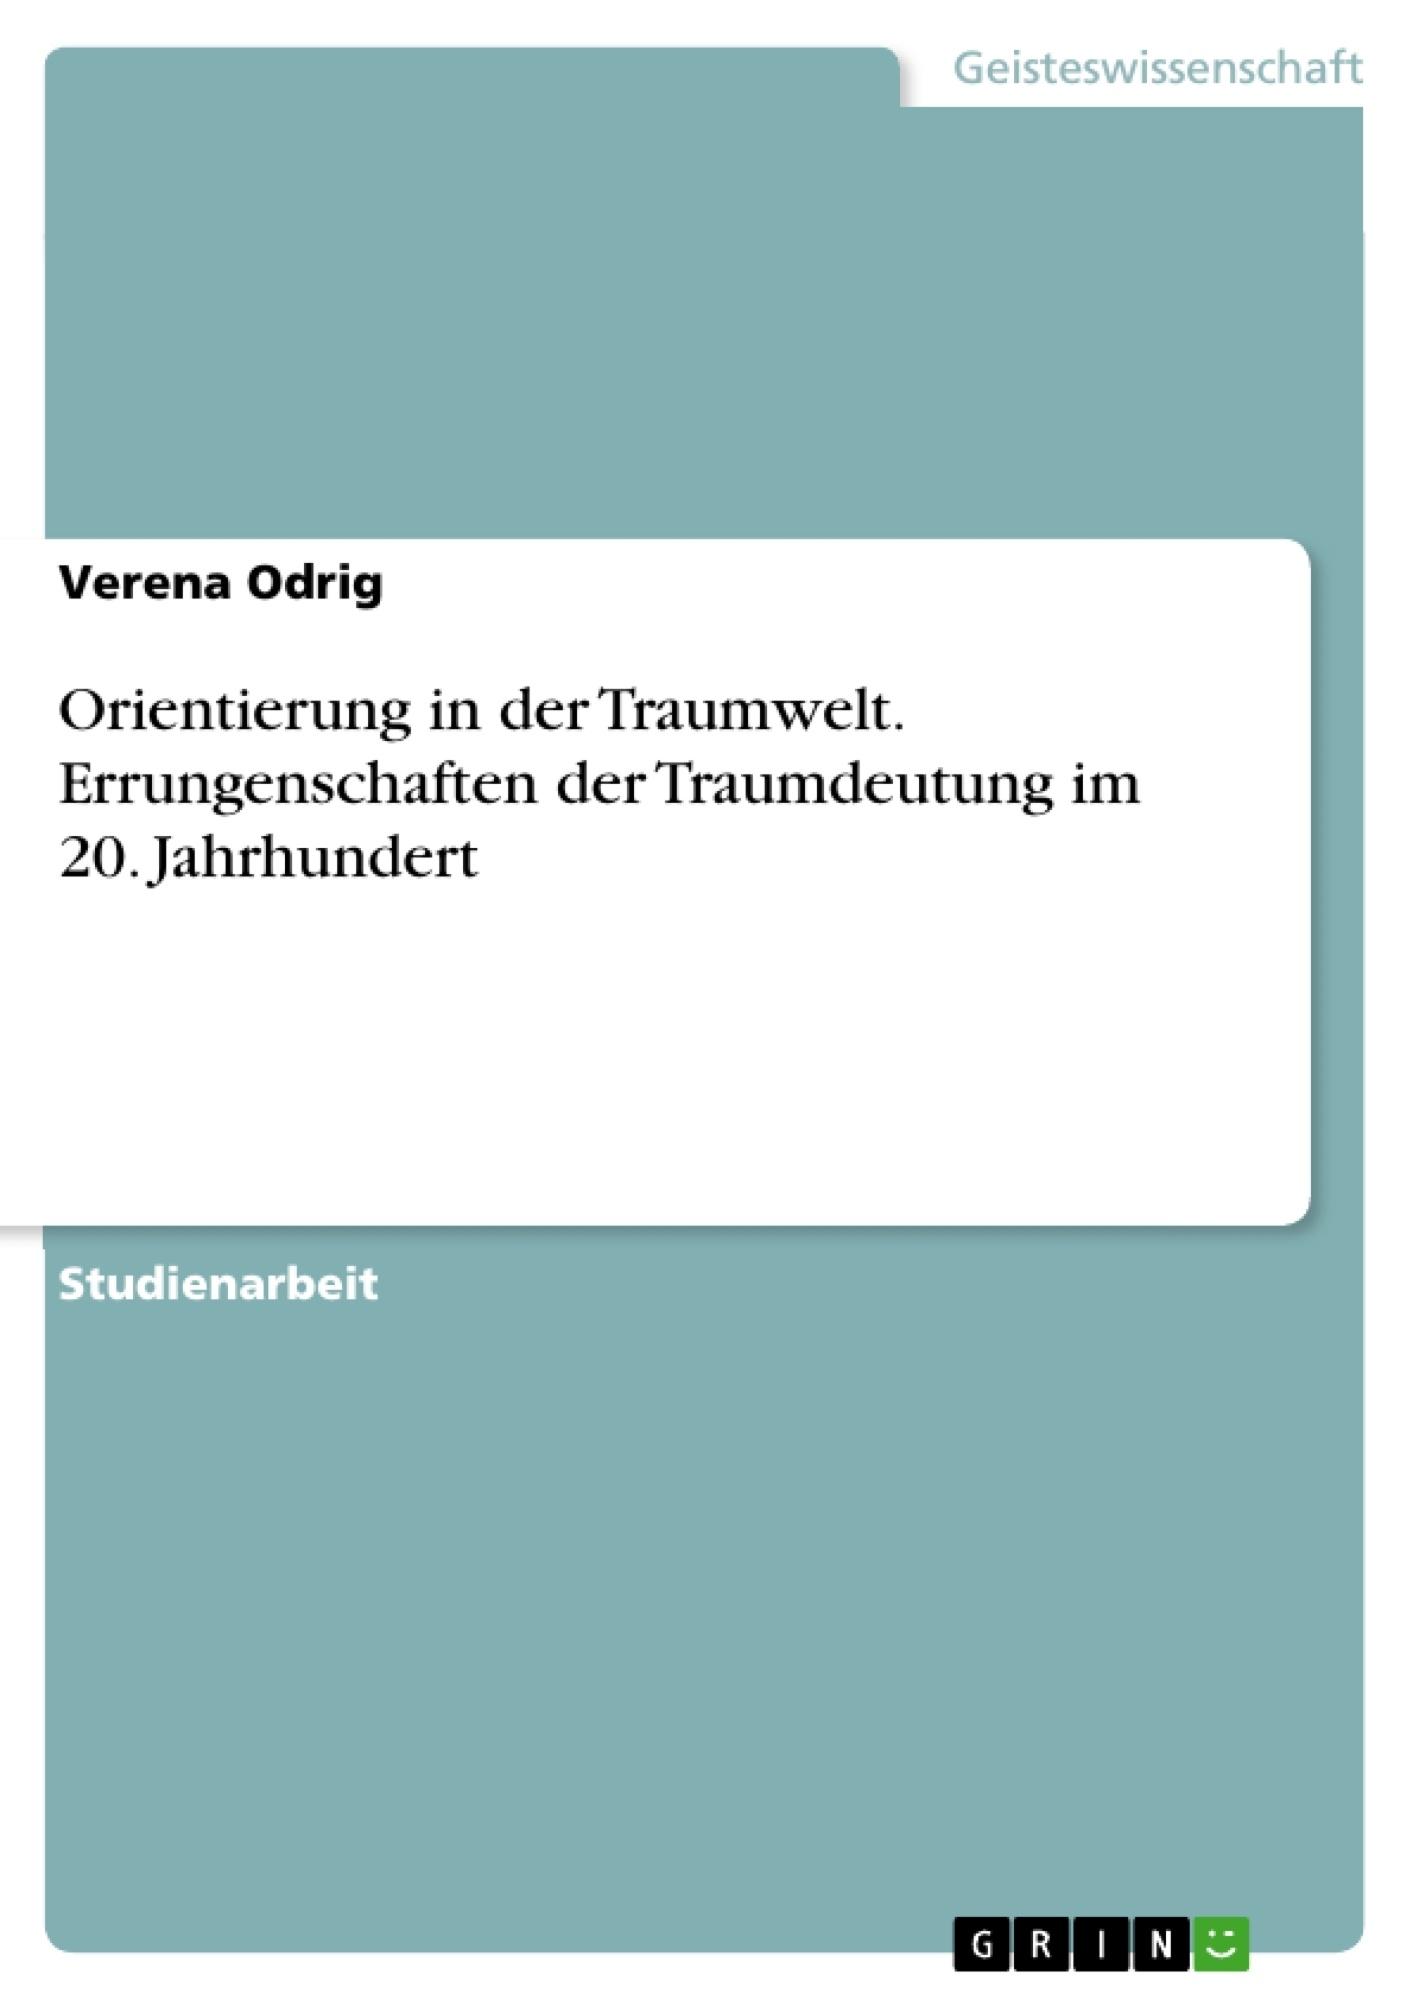 Titel: Orientierung in der Traumwelt. Errungenschaften der Traumdeutung im 20. Jahrhundert